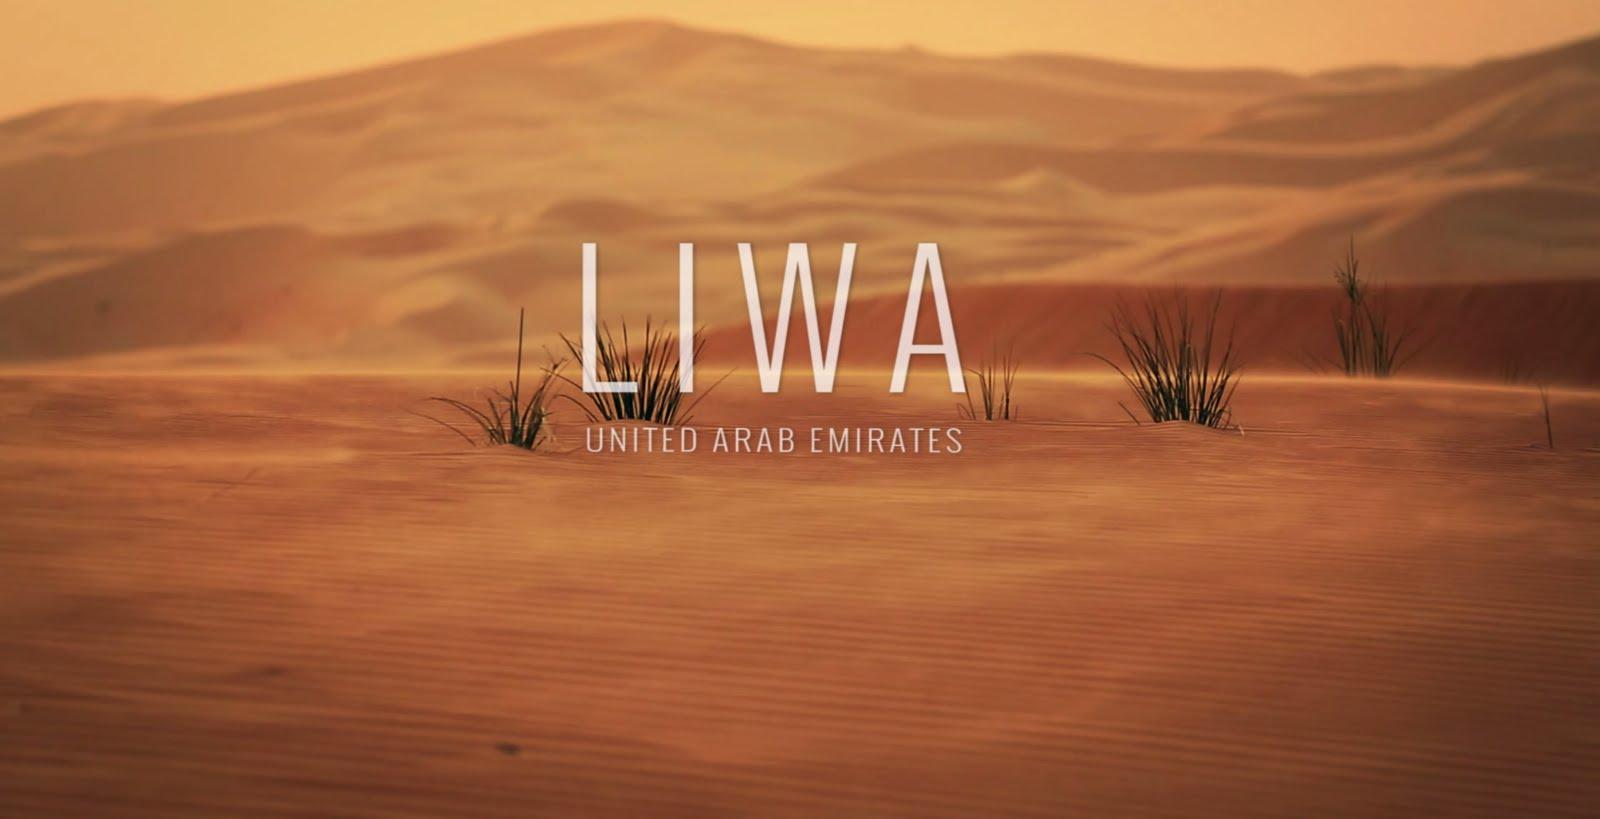 صحراء ليوا في الإمارات العربية